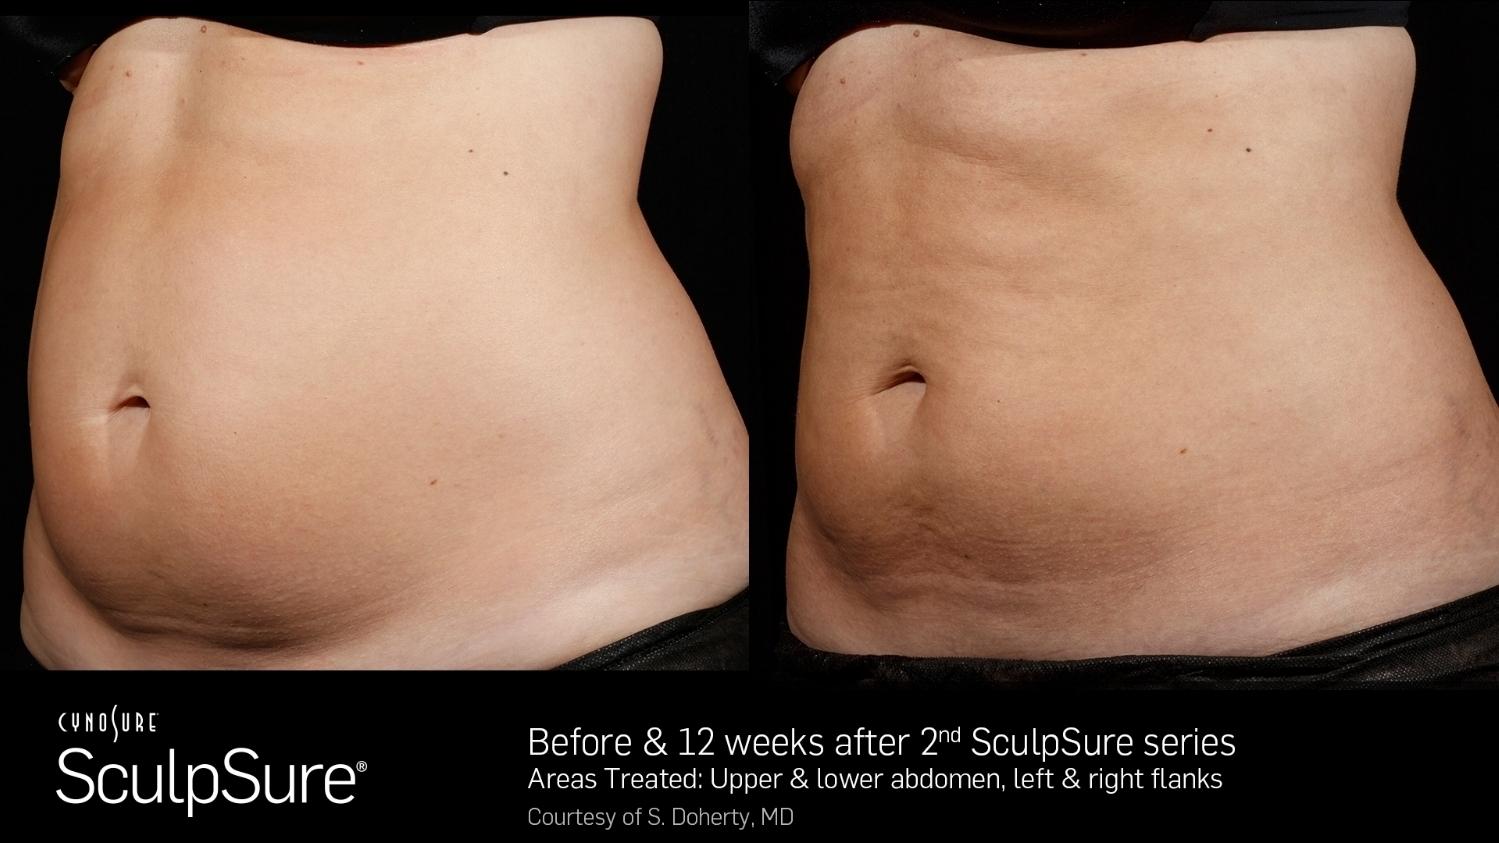 SculpSureBefore&After_SidebySide_Female1.jpg